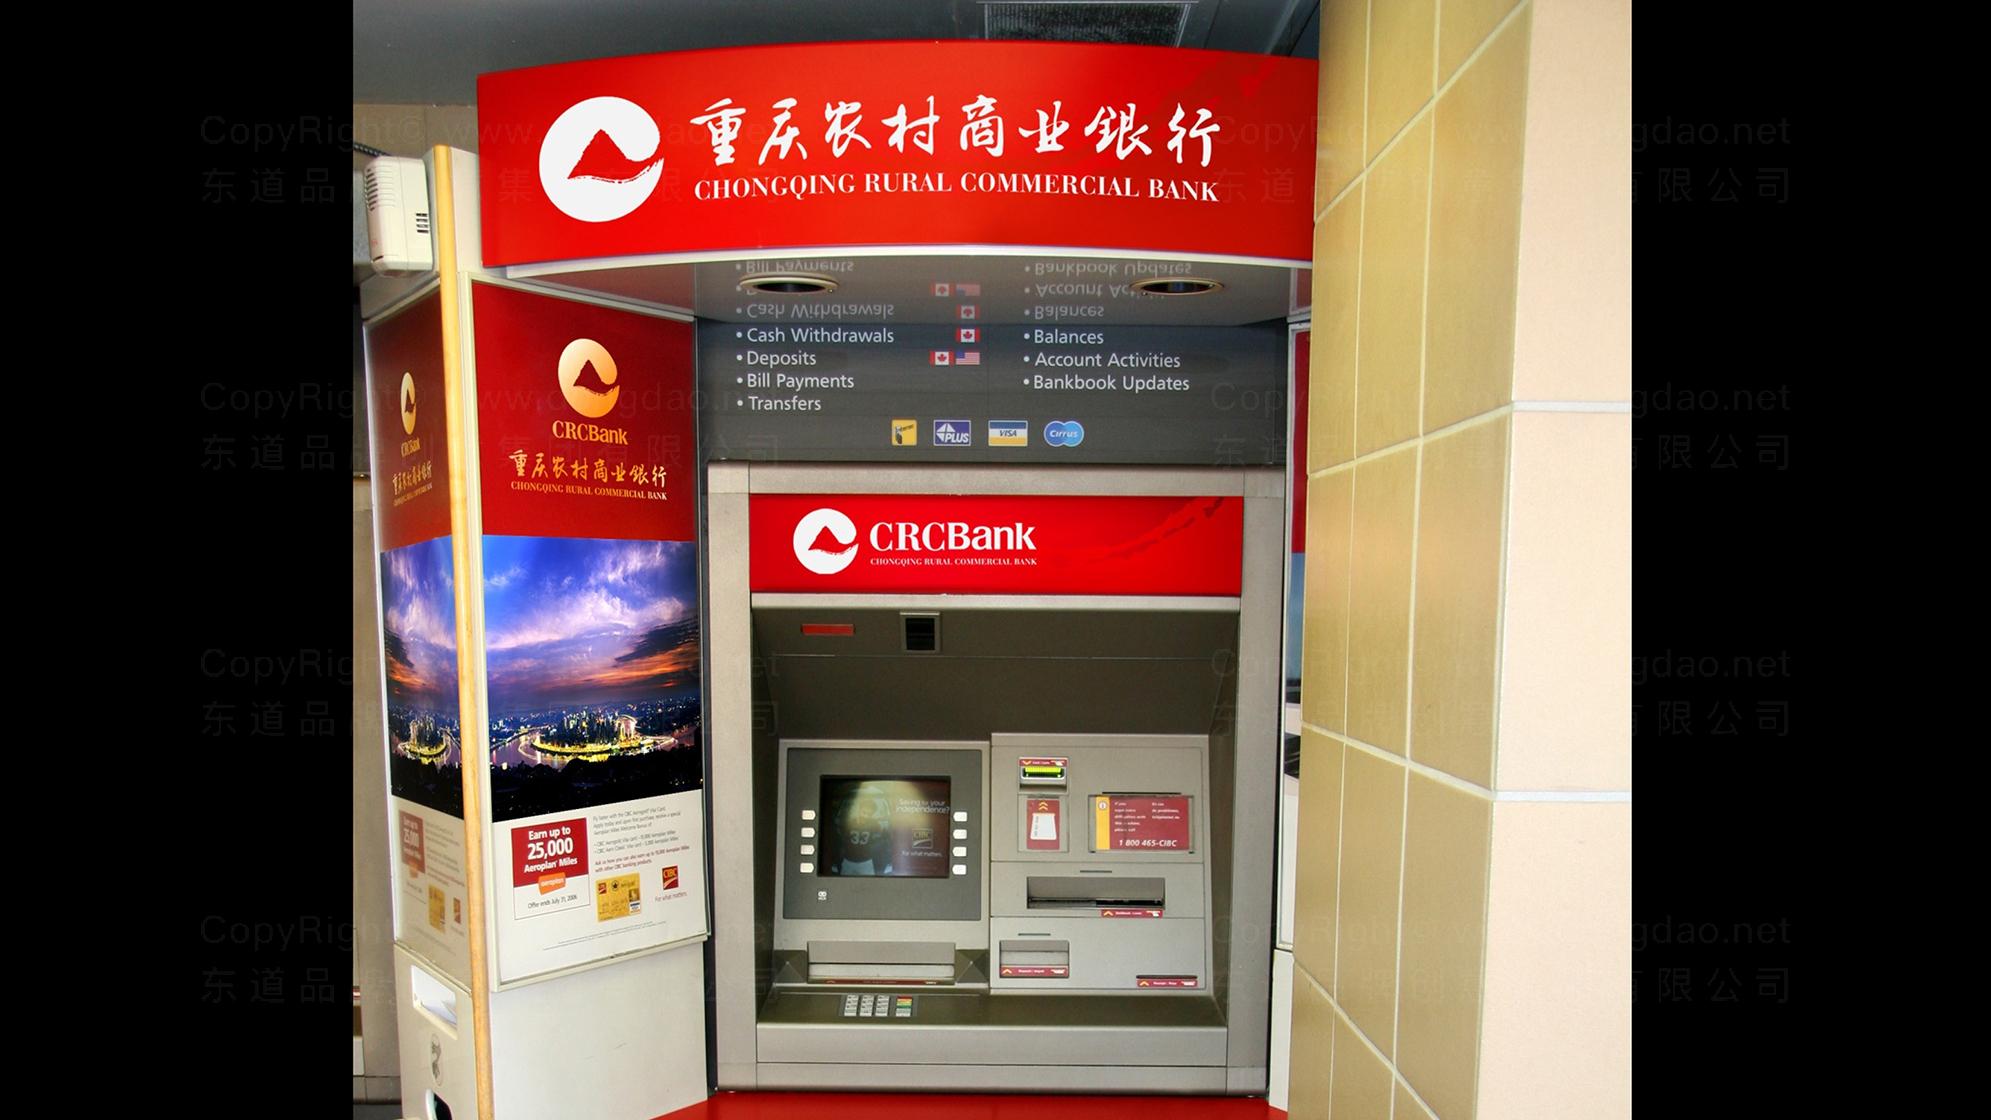 品牌设计重庆农村商业银行LOGO&VI设计应用场景_7